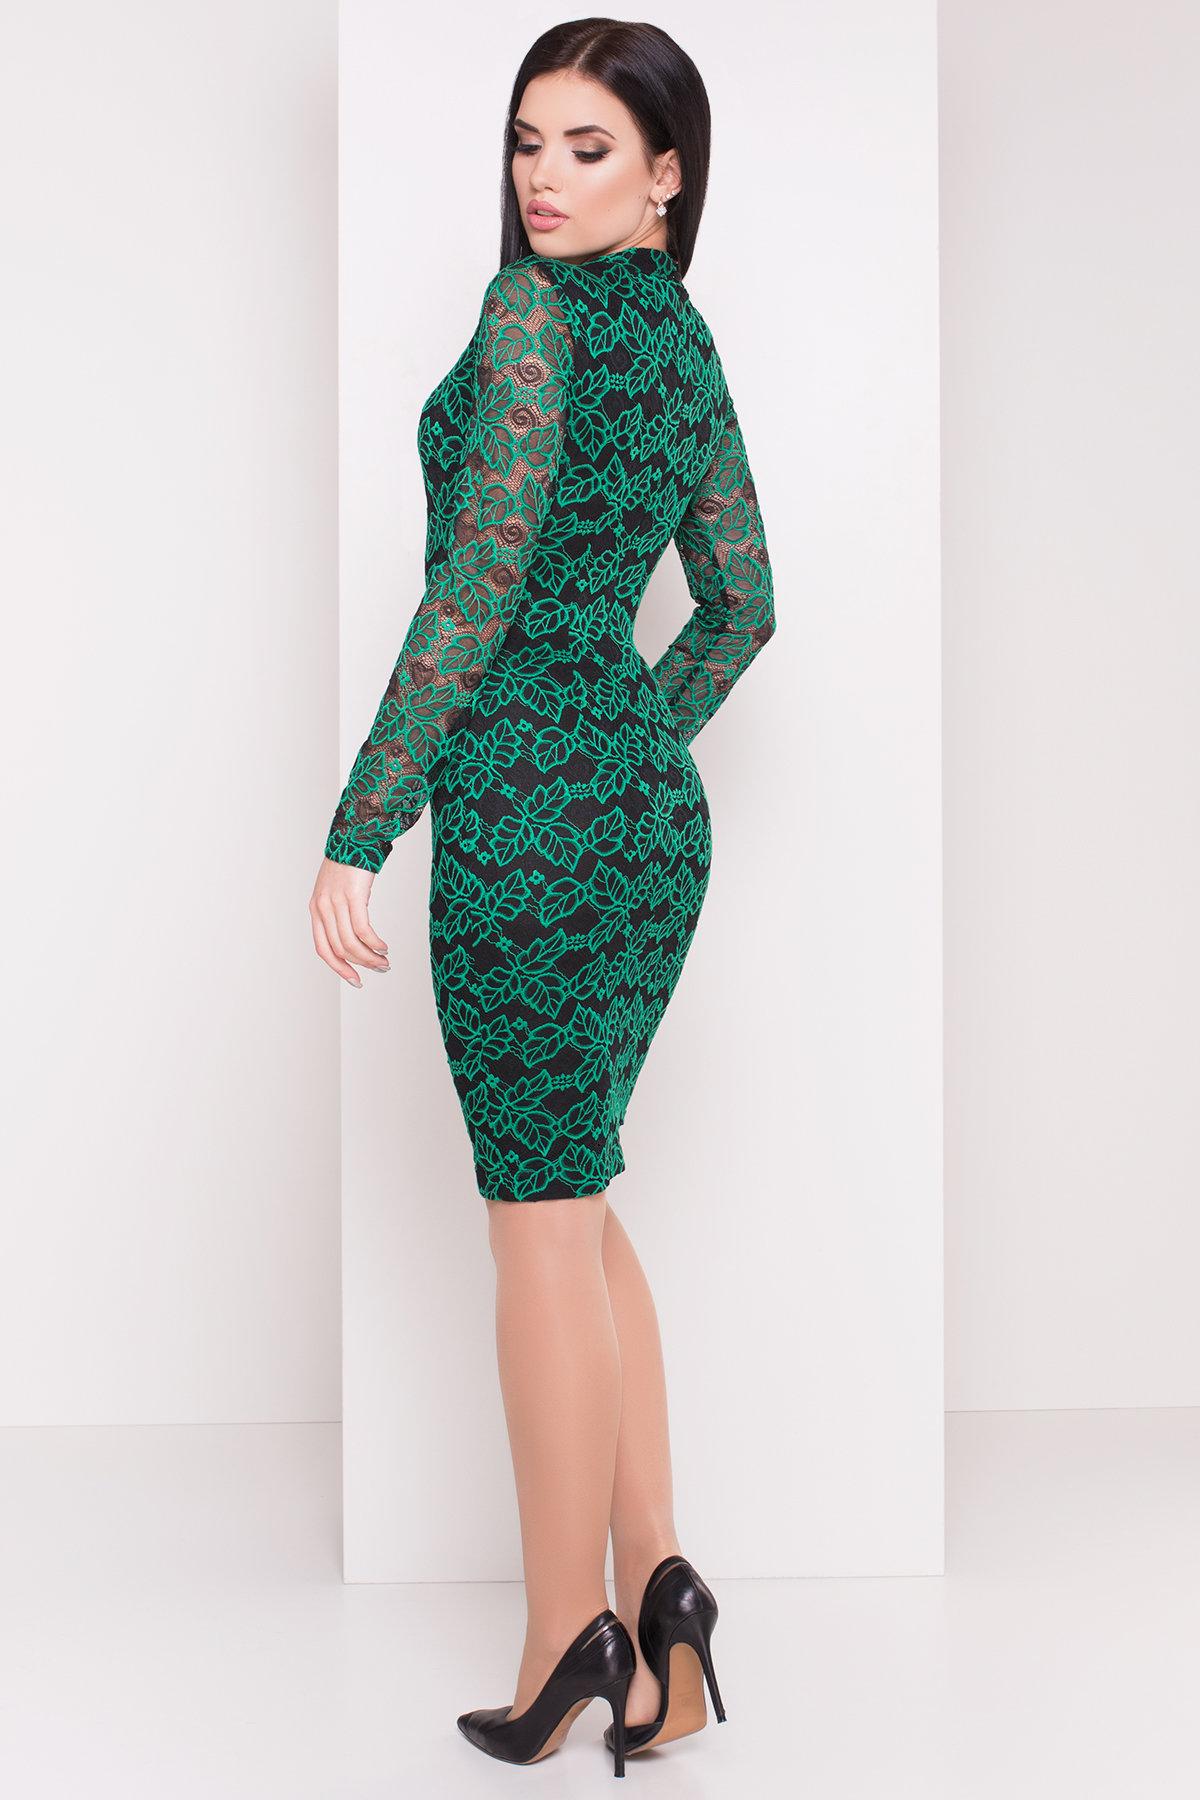 Платье Олифта 1208 АРТ. 8779 Цвет: Зеленый / черный - фото 2, интернет магазин tm-modus.ru